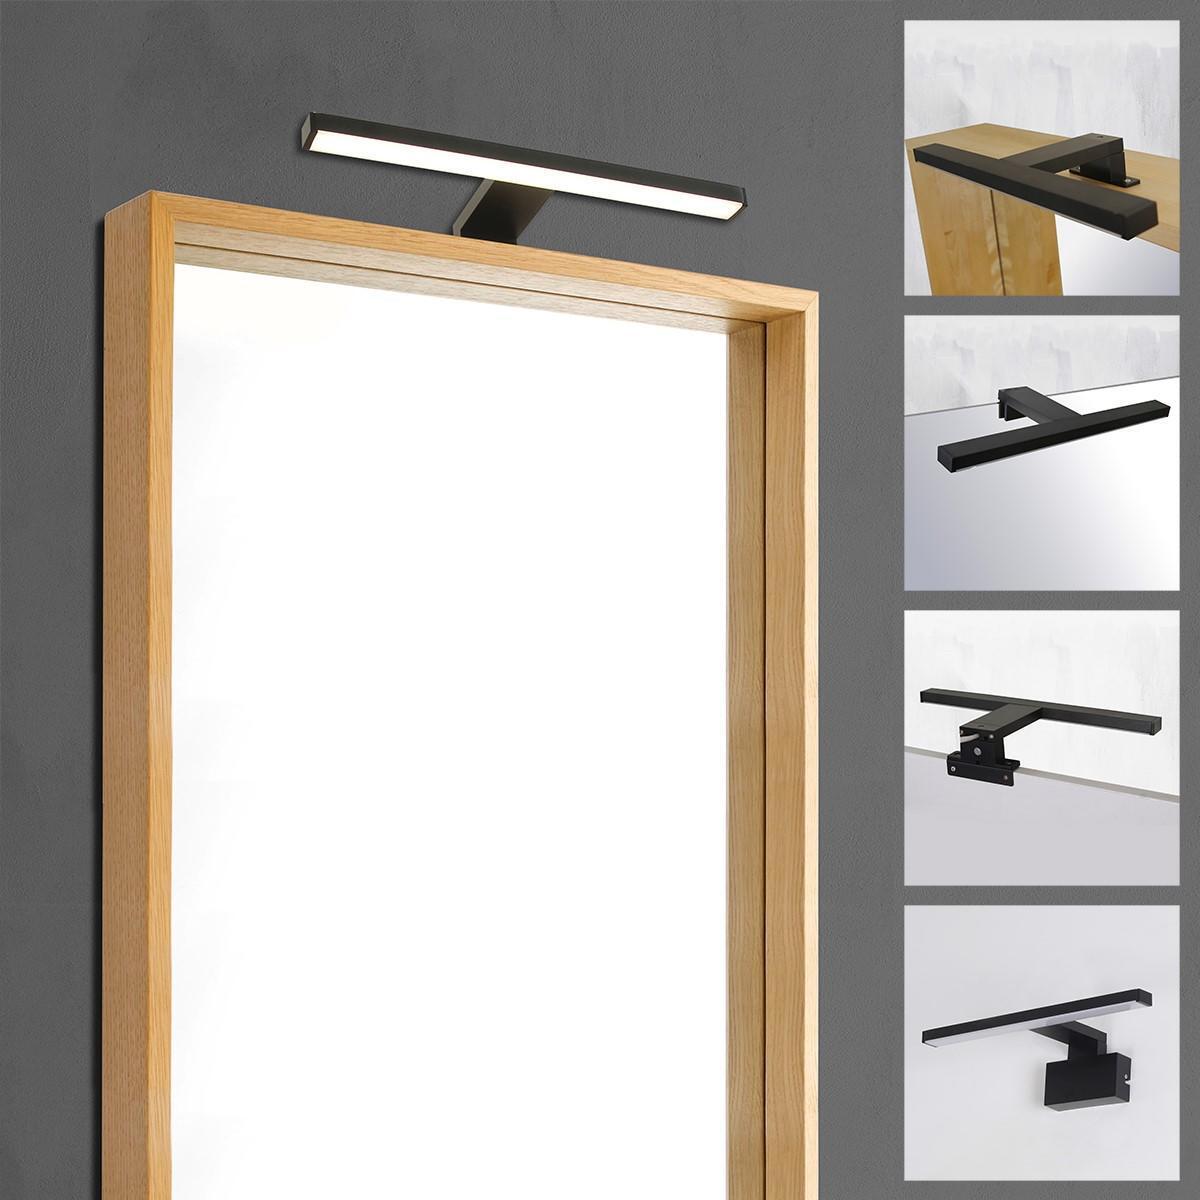 Applique moderno Slim con kit multi attacco , in alluminio, 50.0x50.0 cm, INSPIRE - 13